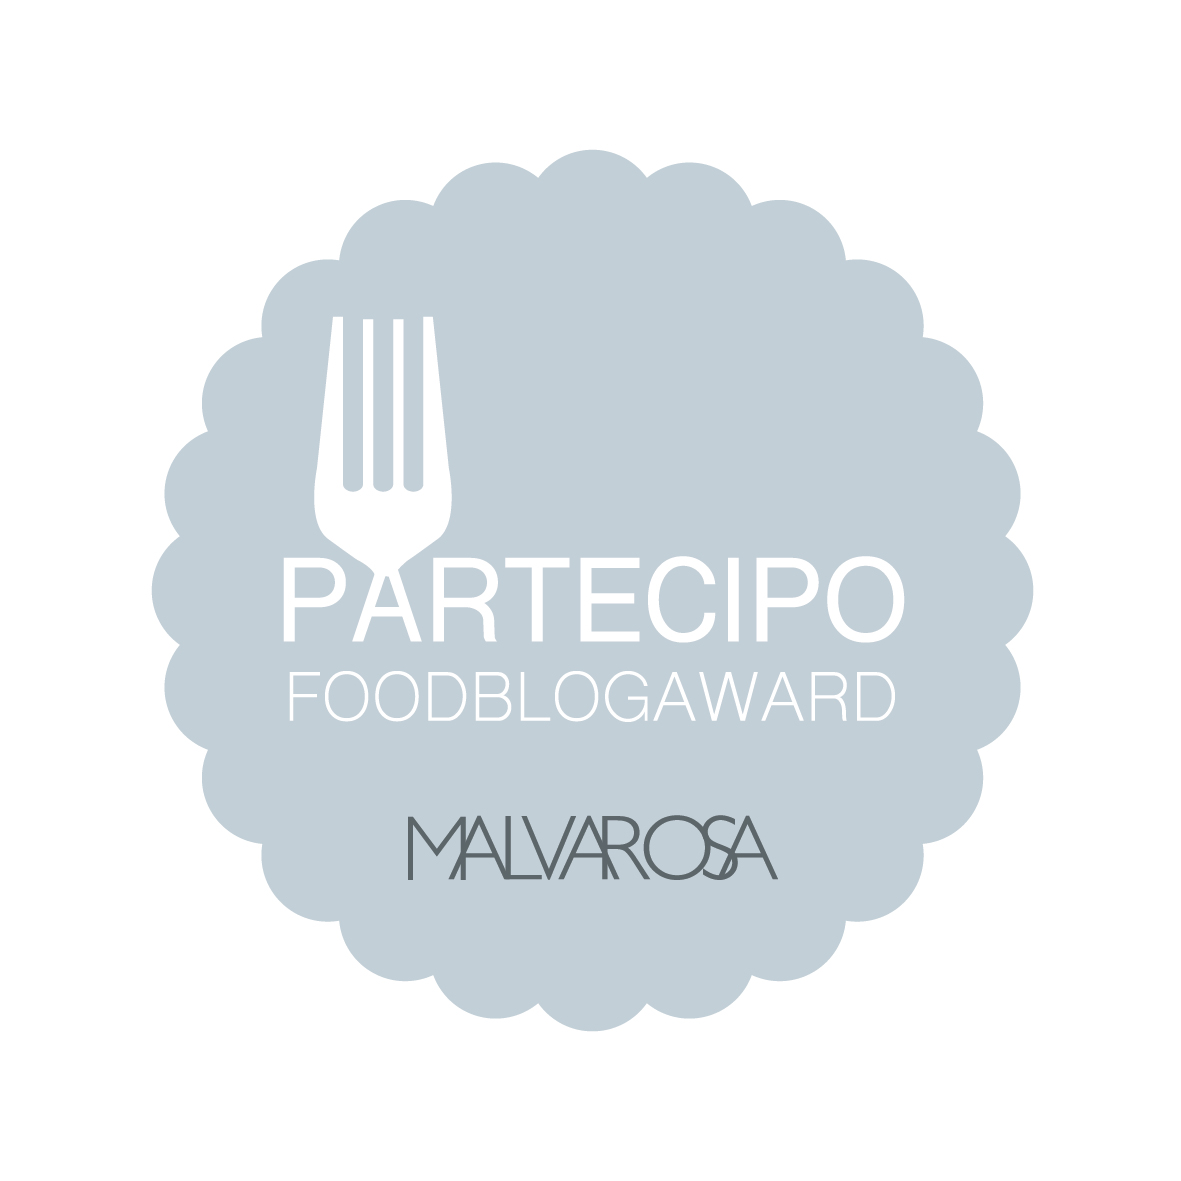 bollino_partecipo